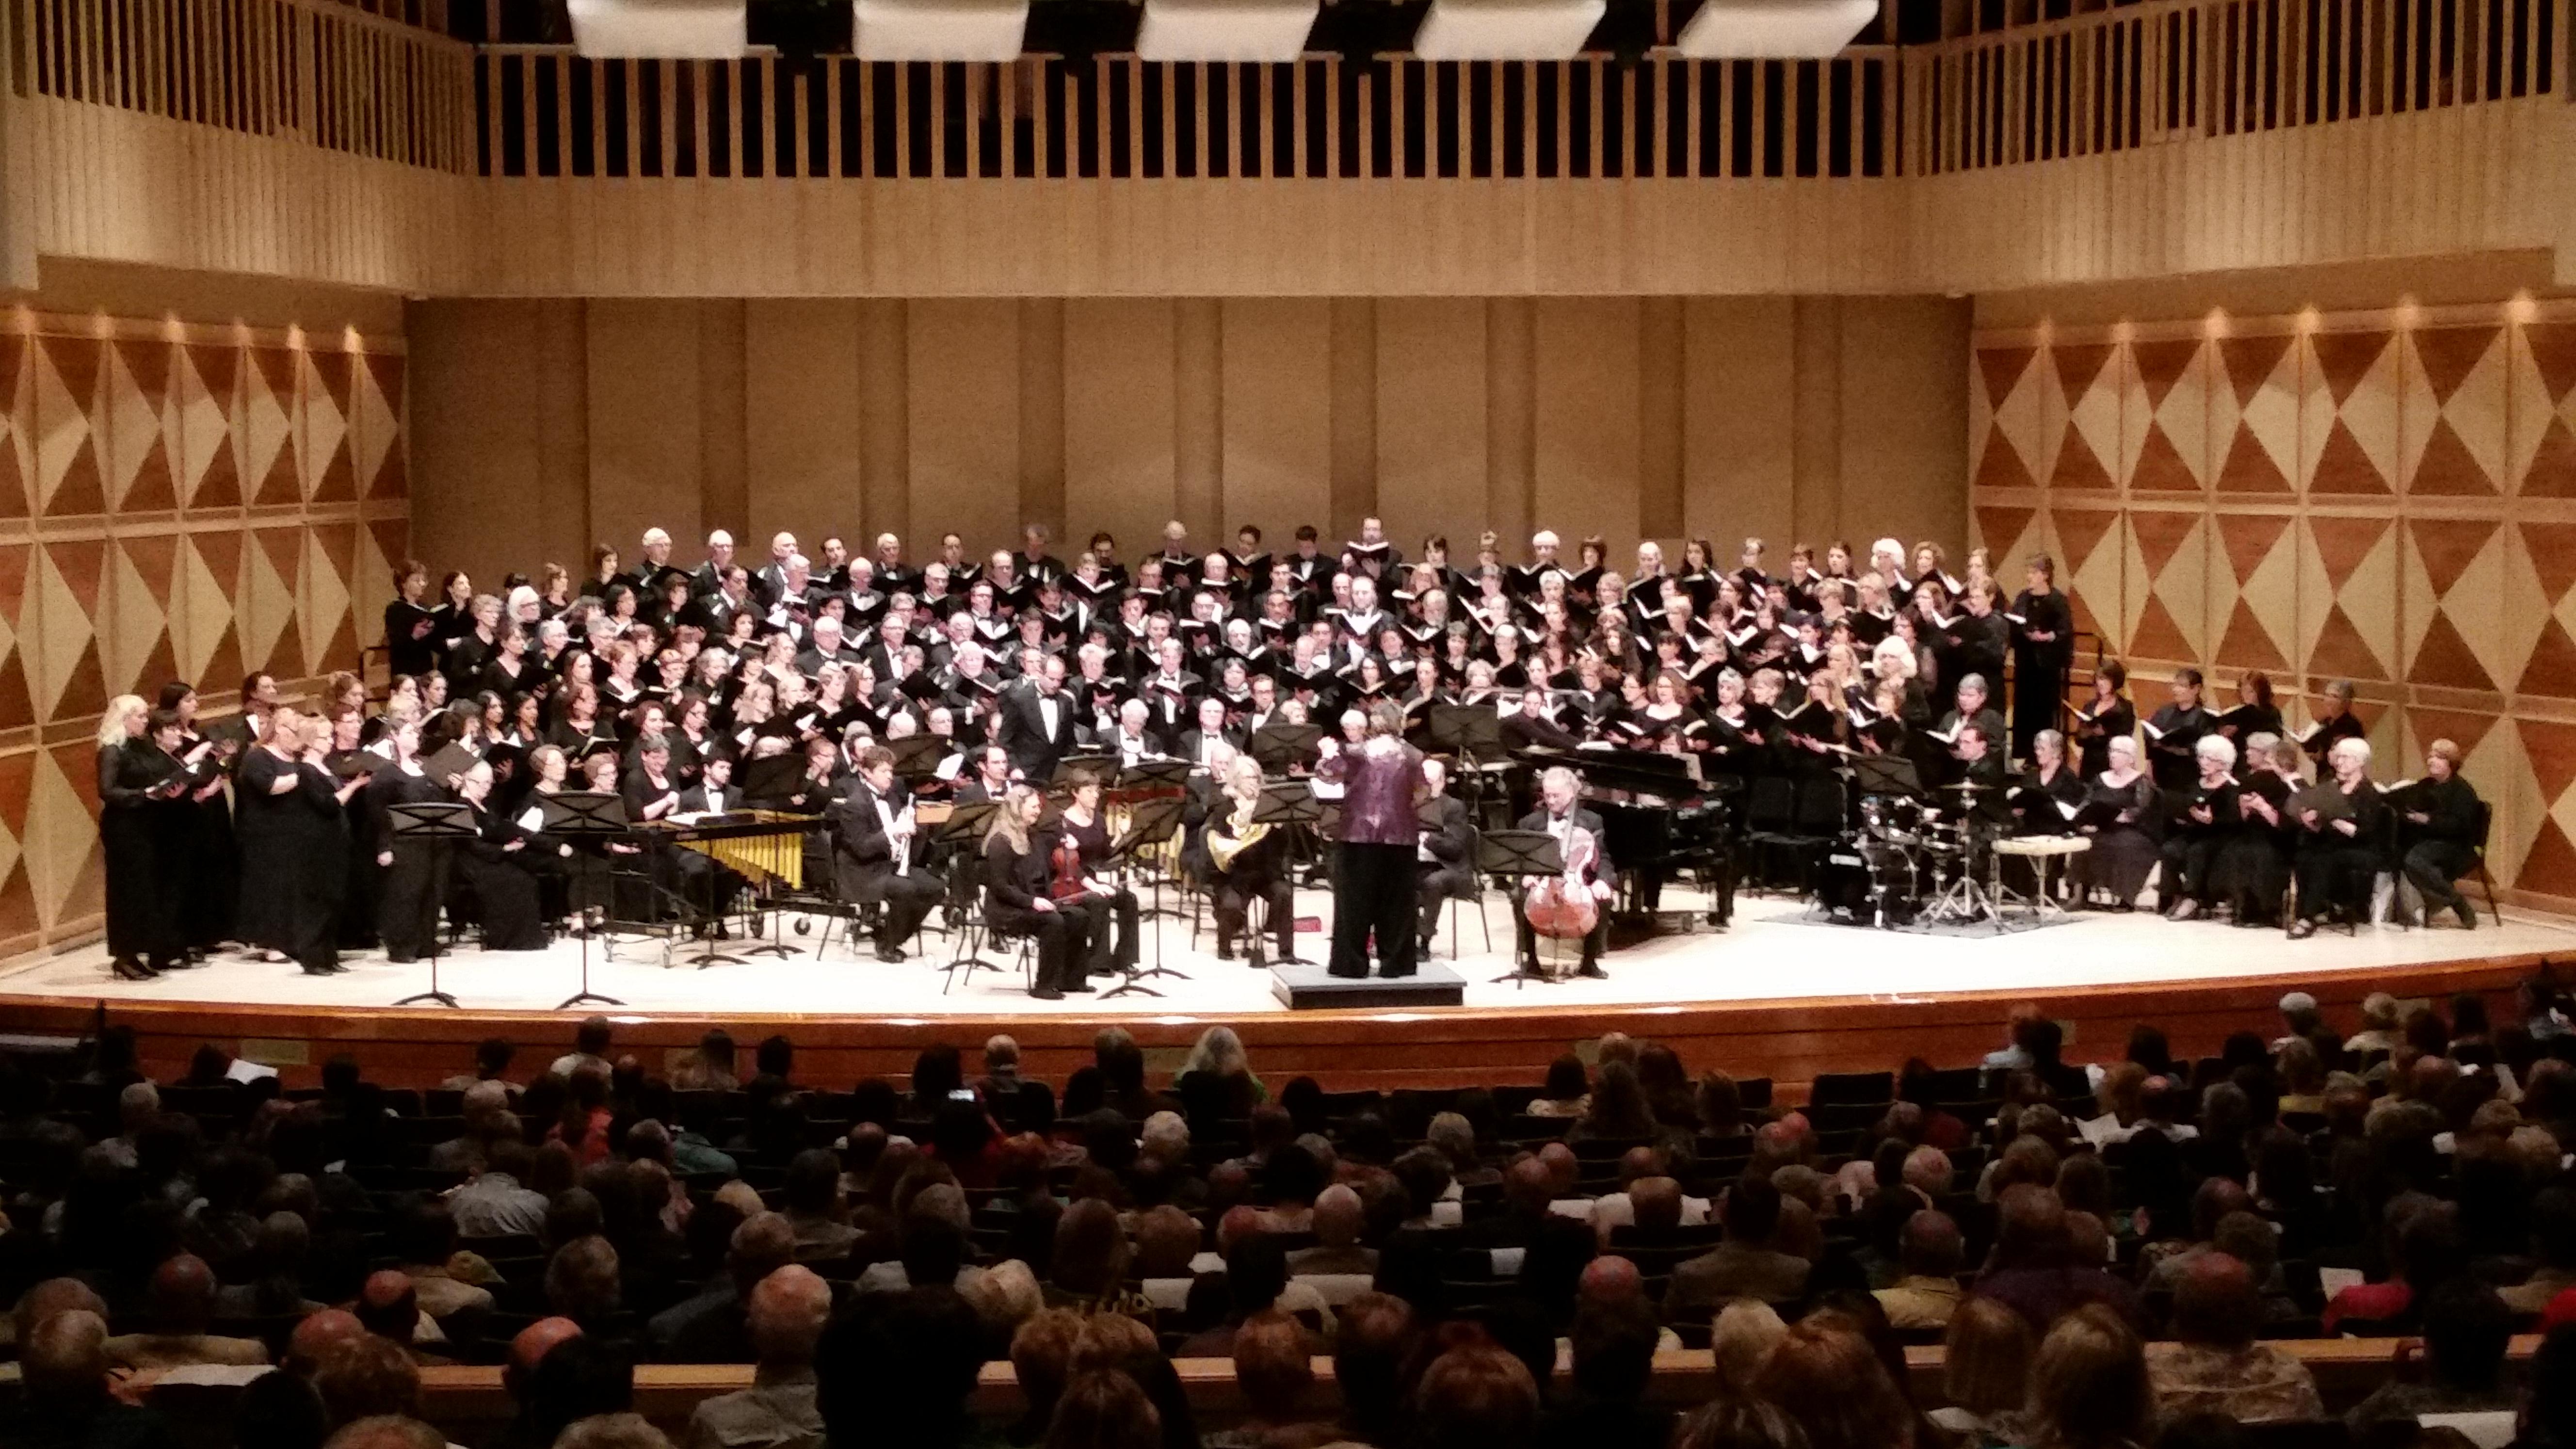 Fresno Community Chorale